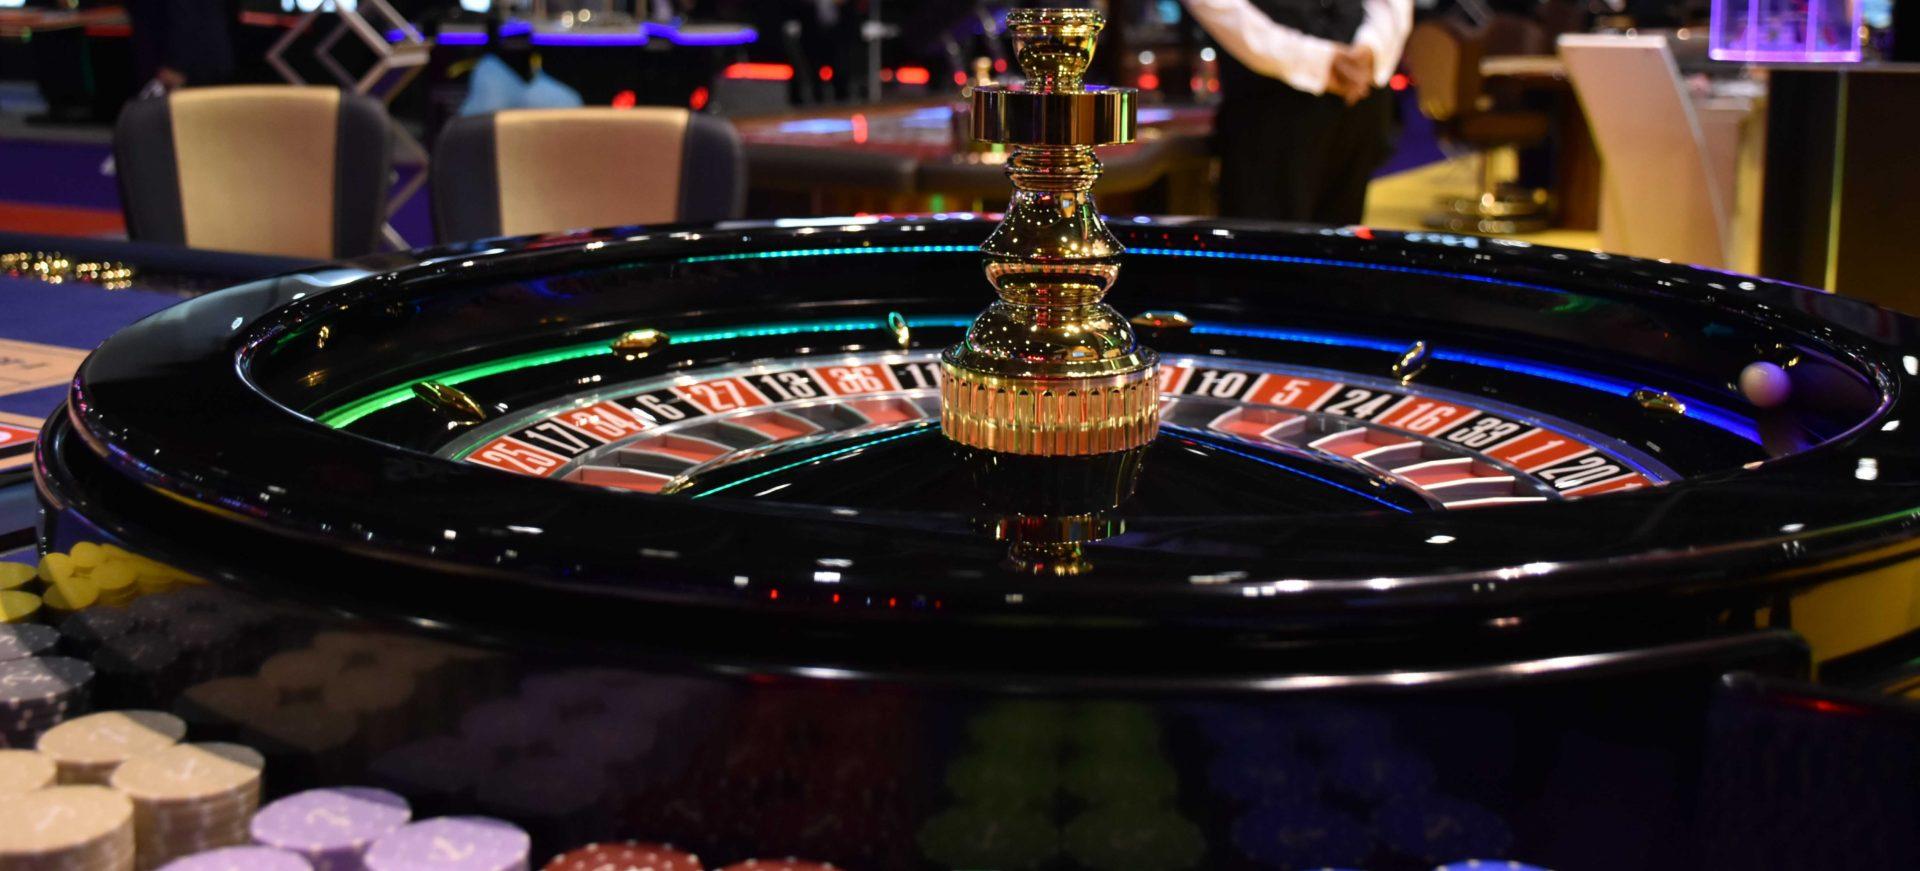 Игровые автоматы симулятор покер скачать бесплатно моментальные выплаты казино на деньги i